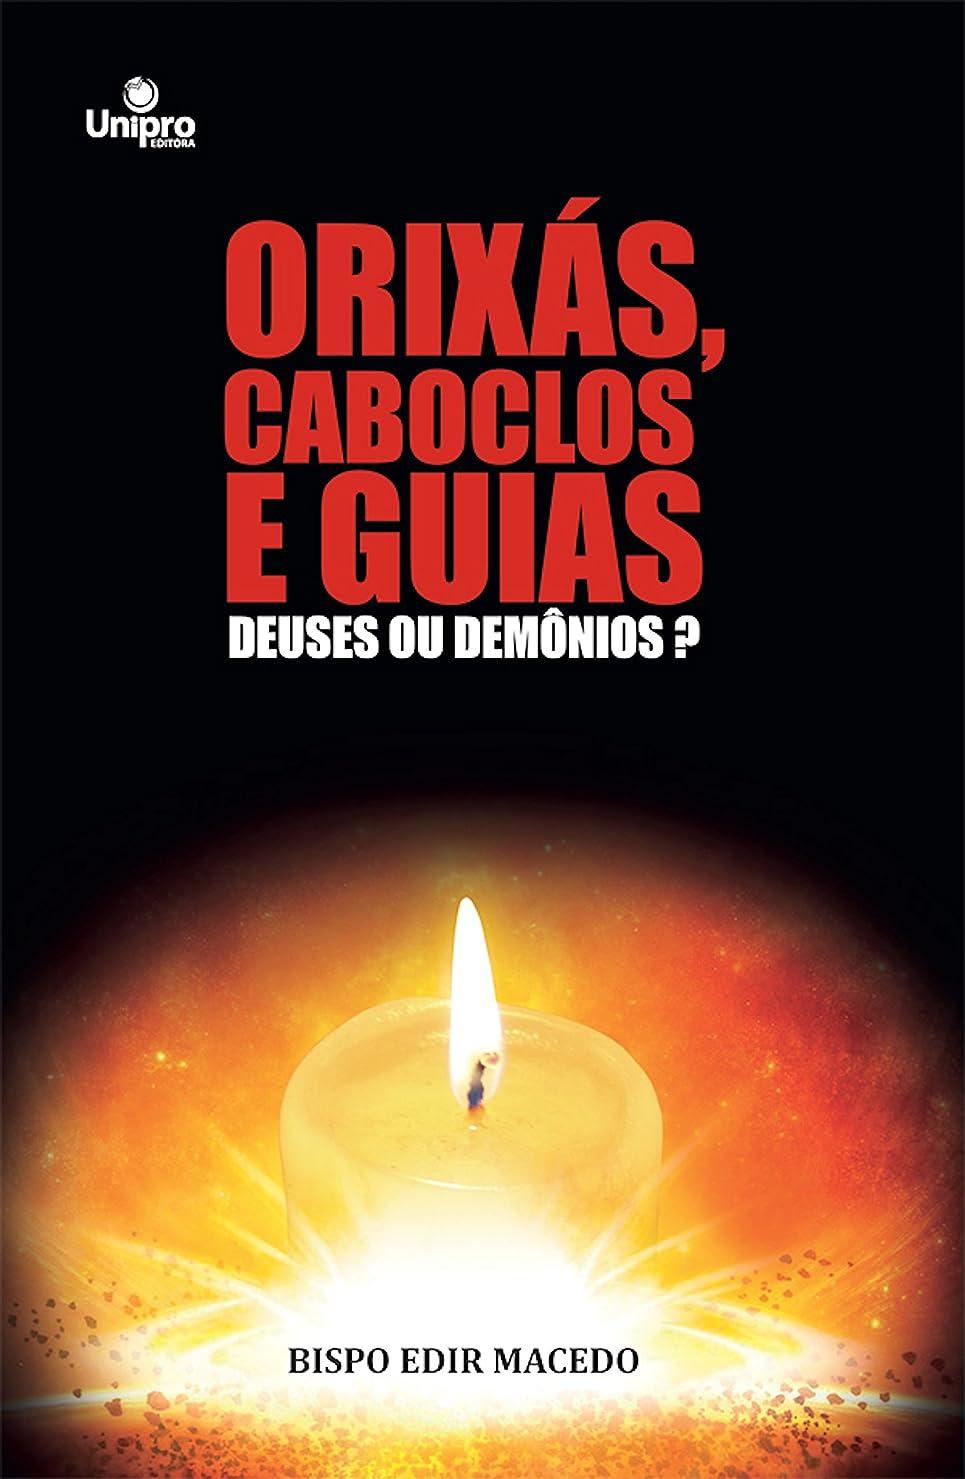 手つかずのエゴイズム祖母Orixás, caboclos e guias: deuses ou dem?nios? (Portuguese Edition)